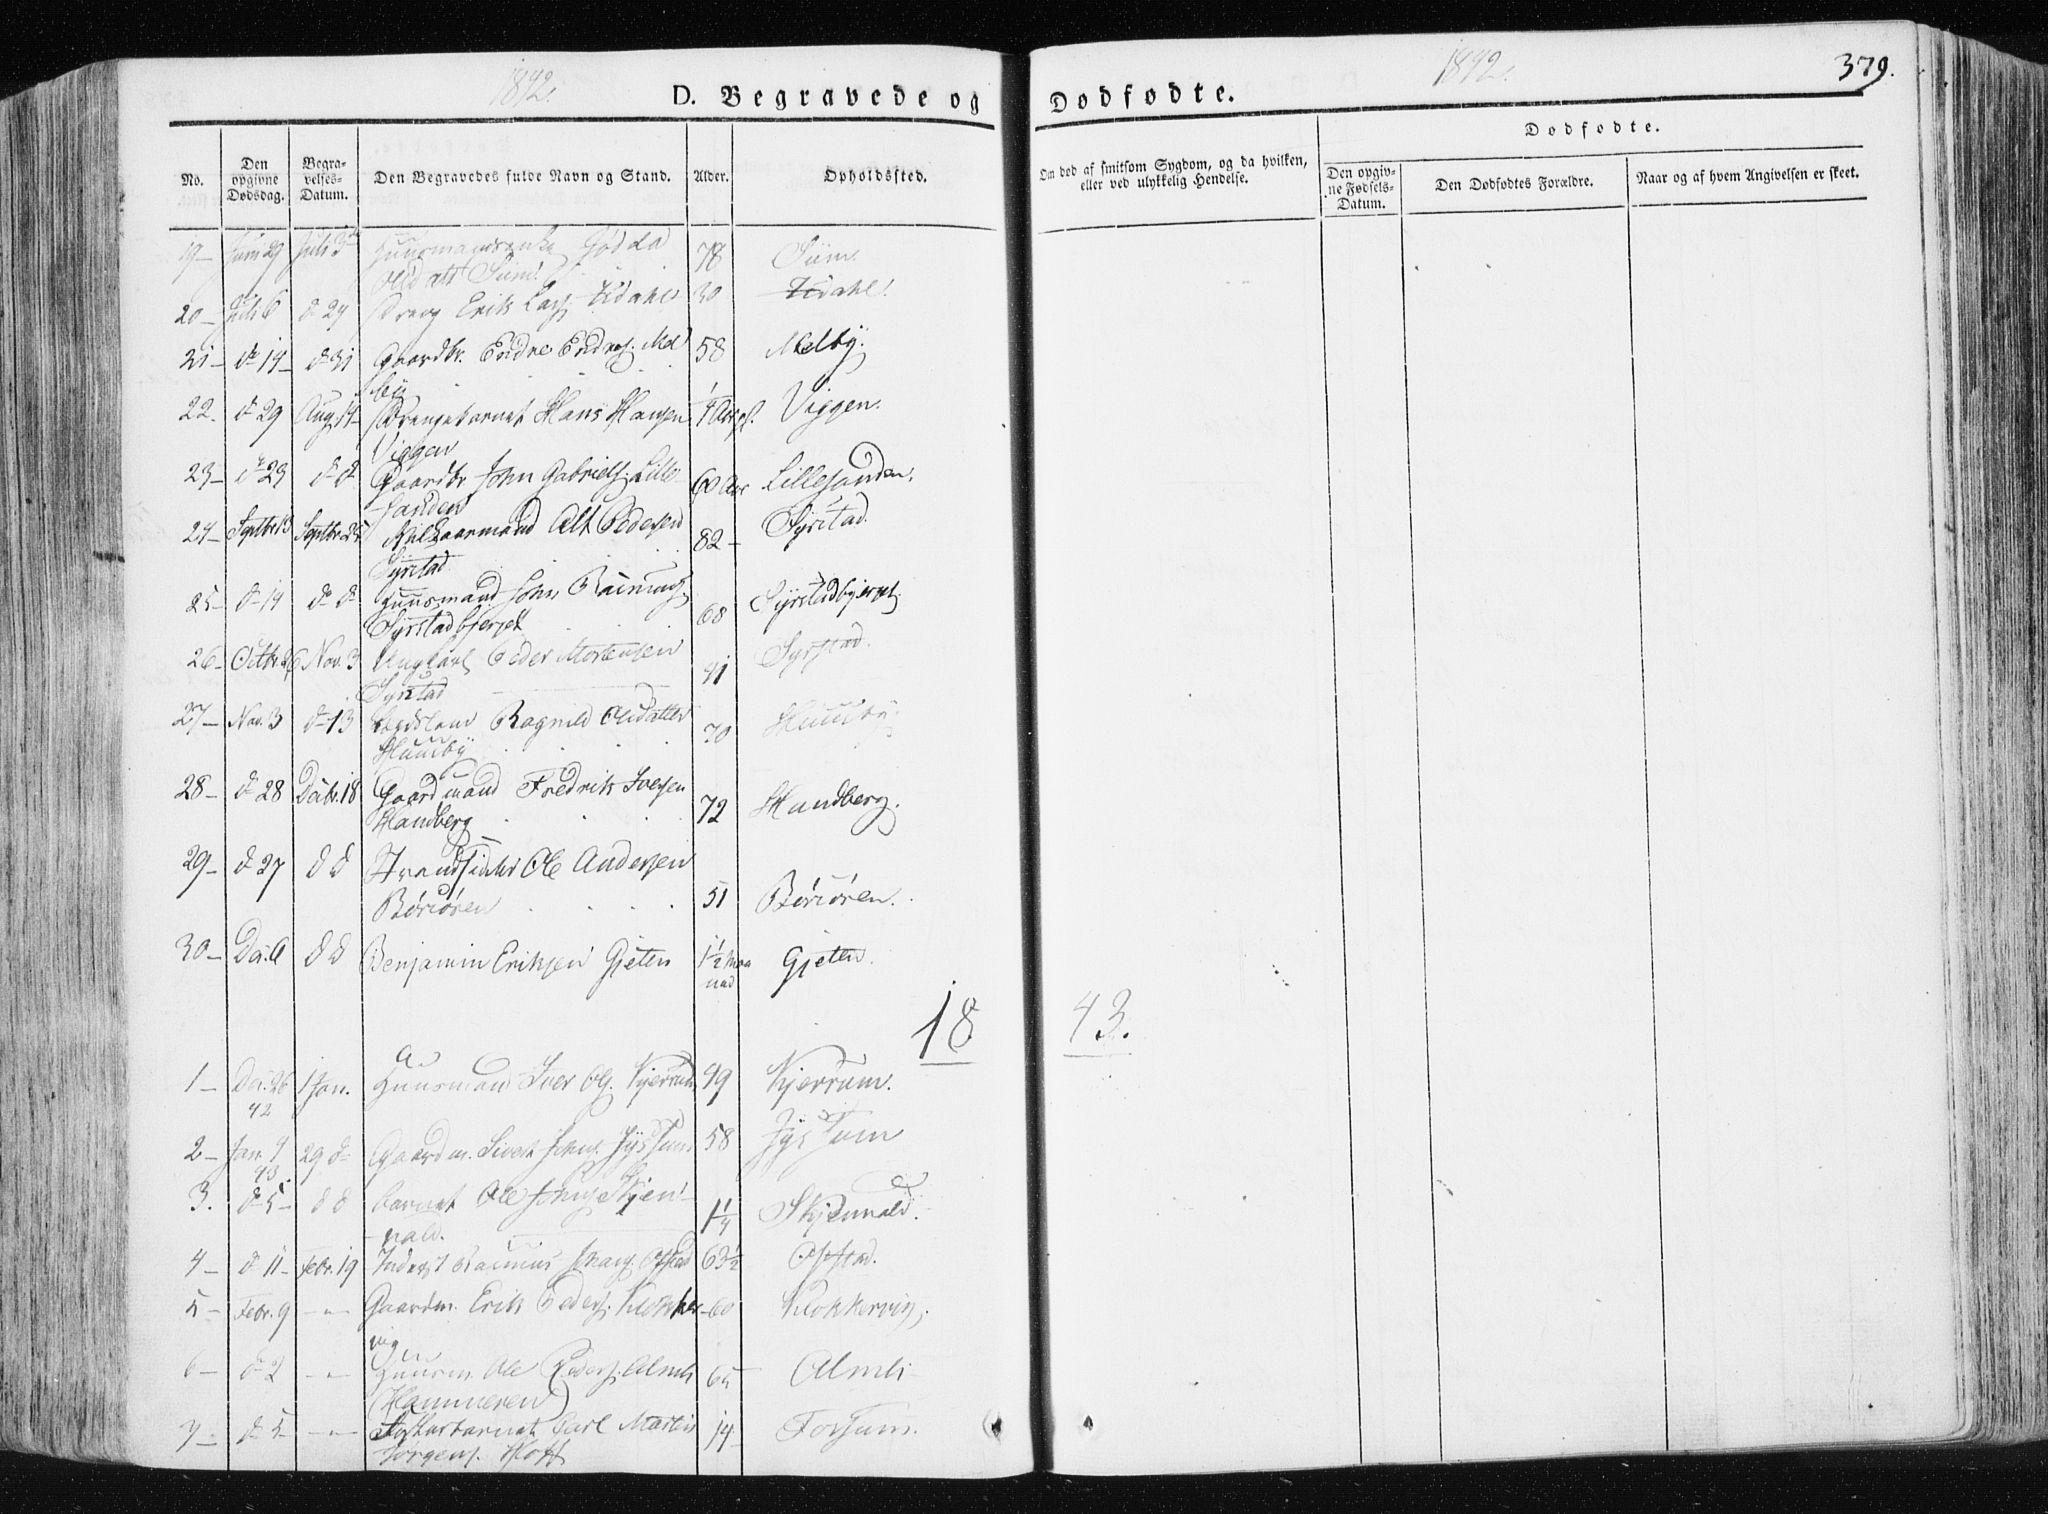 SAT, Ministerialprotokoller, klokkerbøker og fødselsregistre - Sør-Trøndelag, 665/L0771: Ministerialbok nr. 665A06, 1830-1856, s. 379